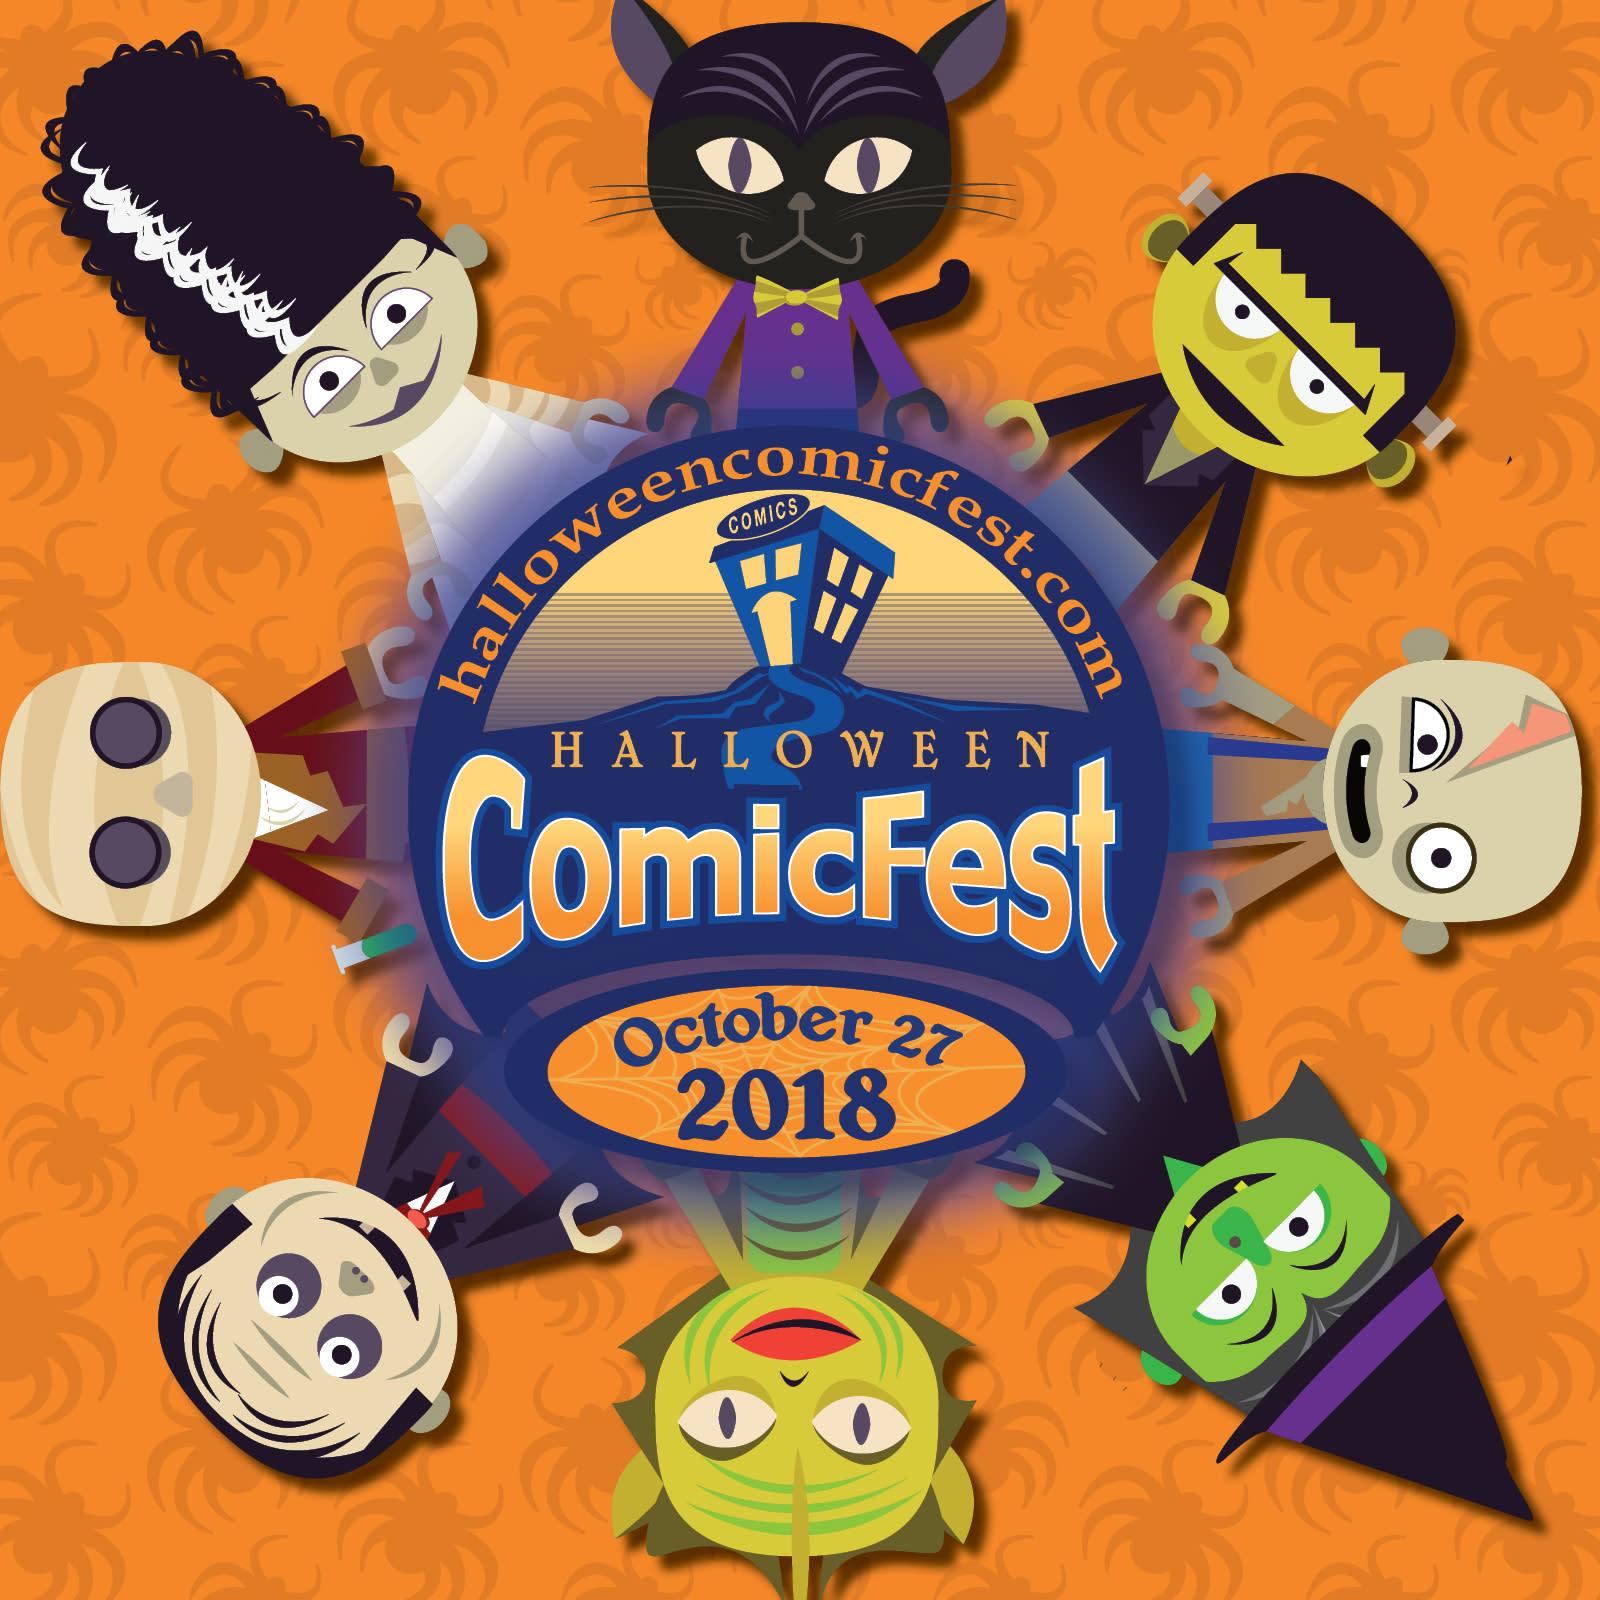 halloween comicfest 2018